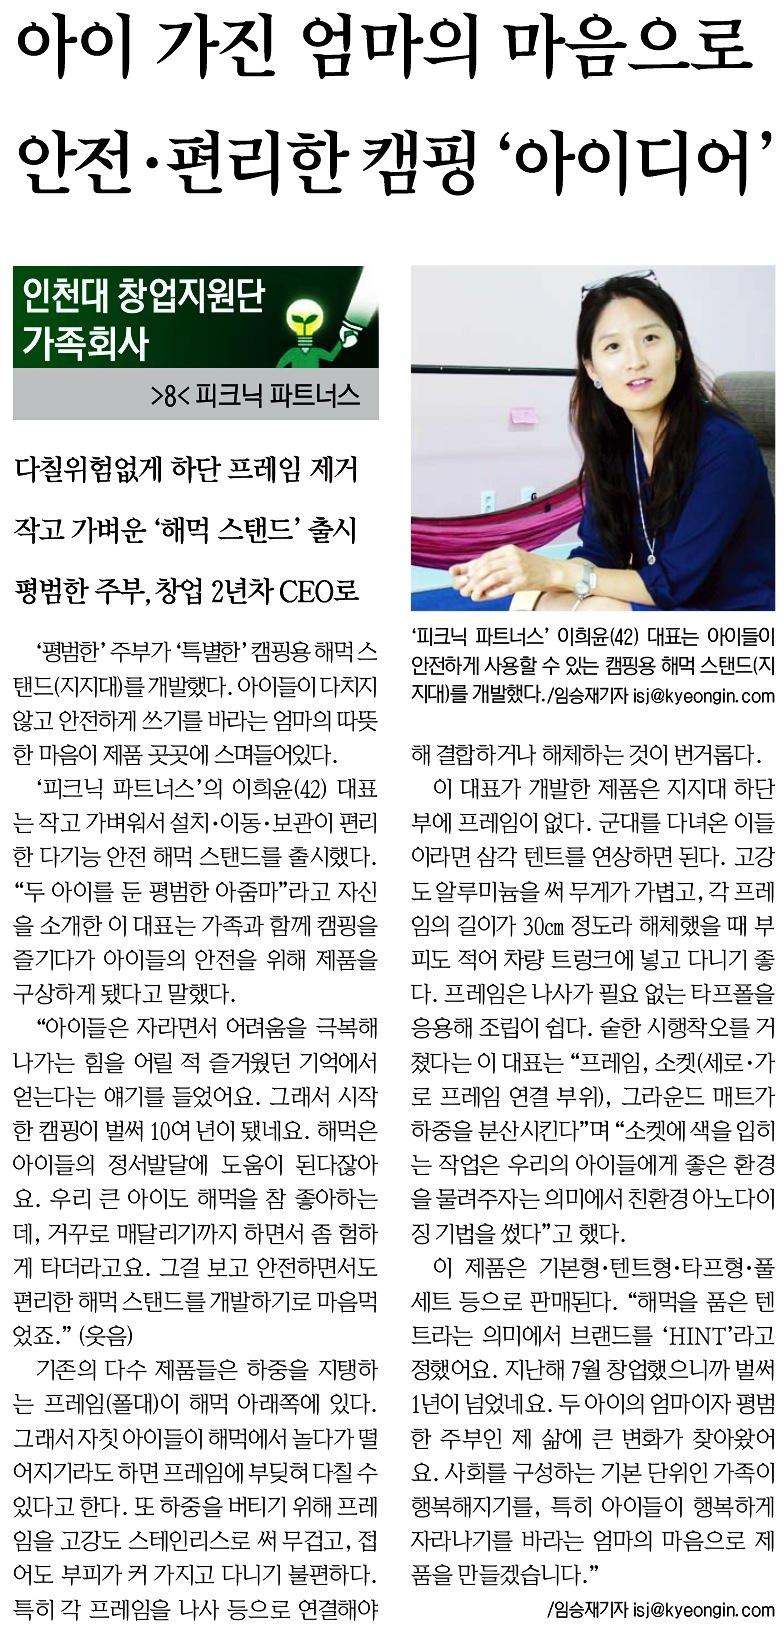 [경인일보] 20160909 아이 가진 엄마의 마음으로 안전.편리한 캠핑 '아이디어'-경제 07면-.jpg